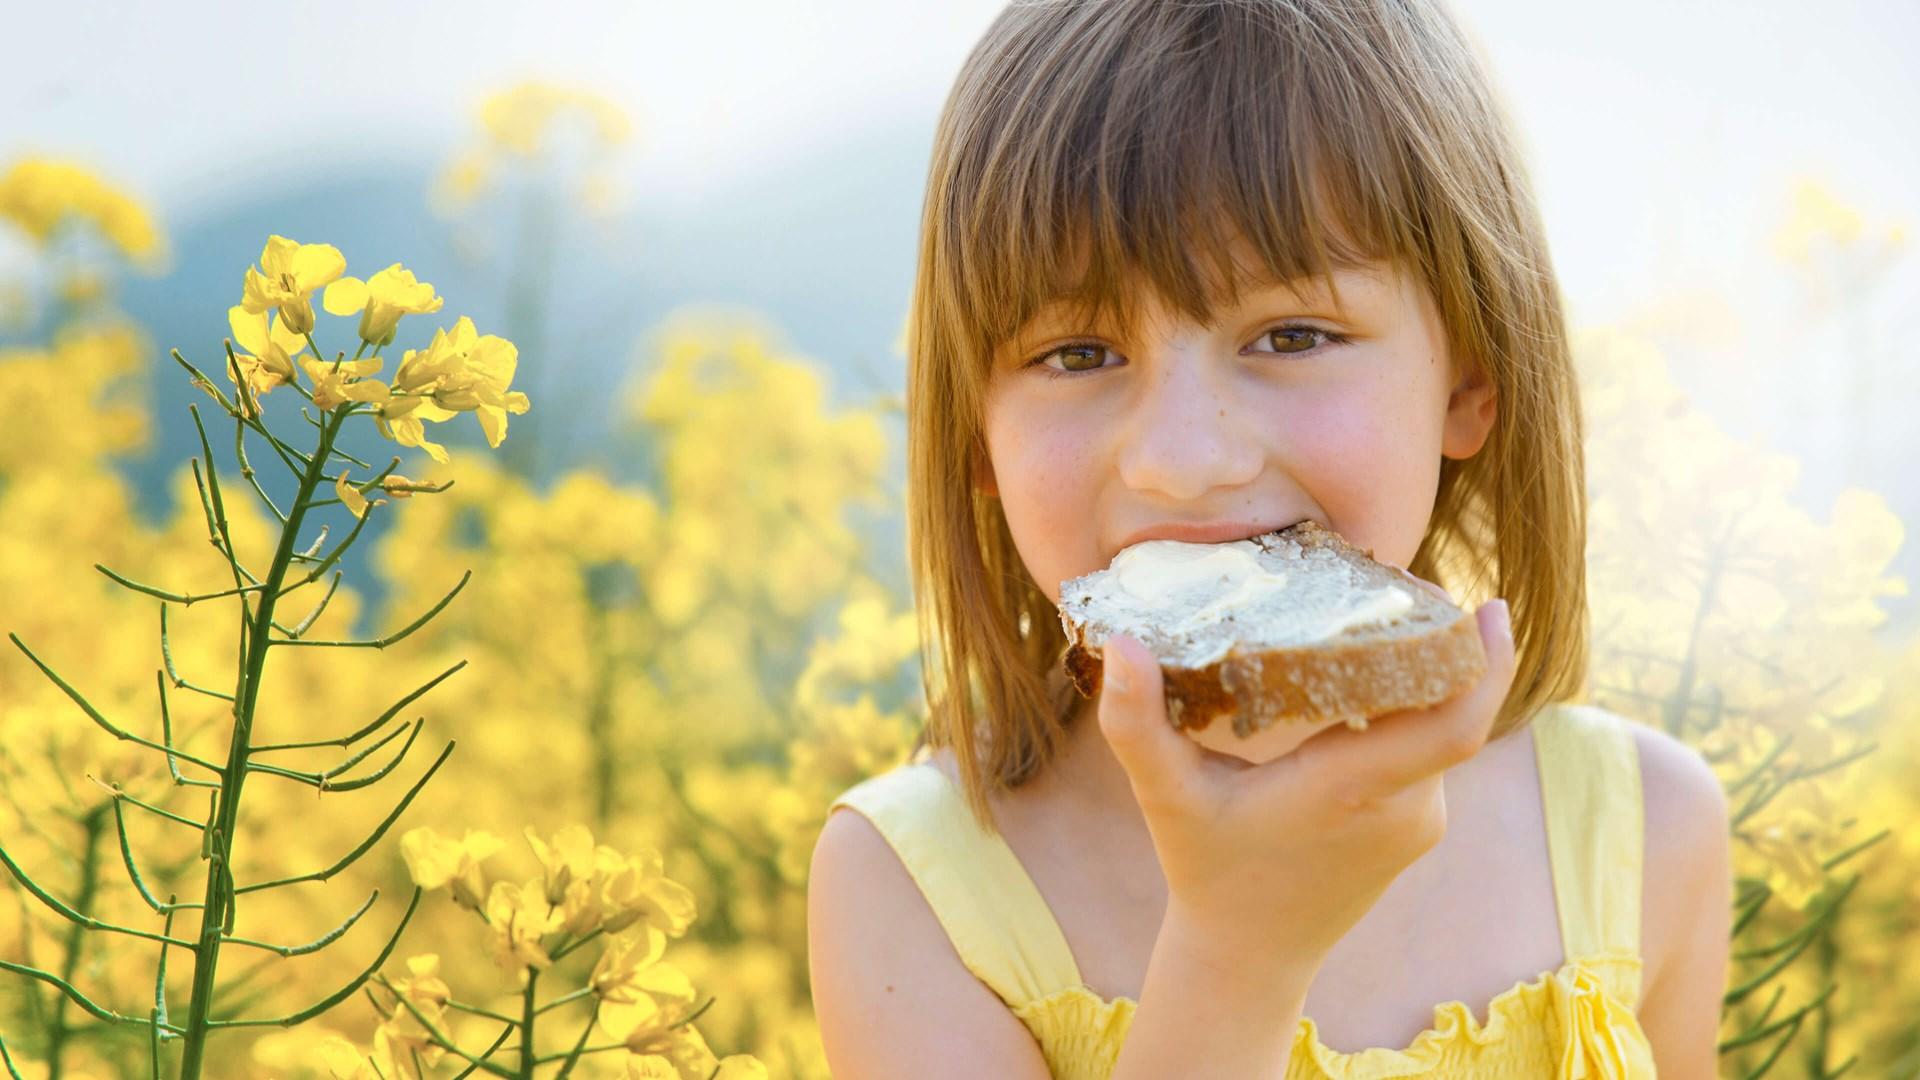 帕尔斯加德将帮助您成功生产非棕榈人造黄油